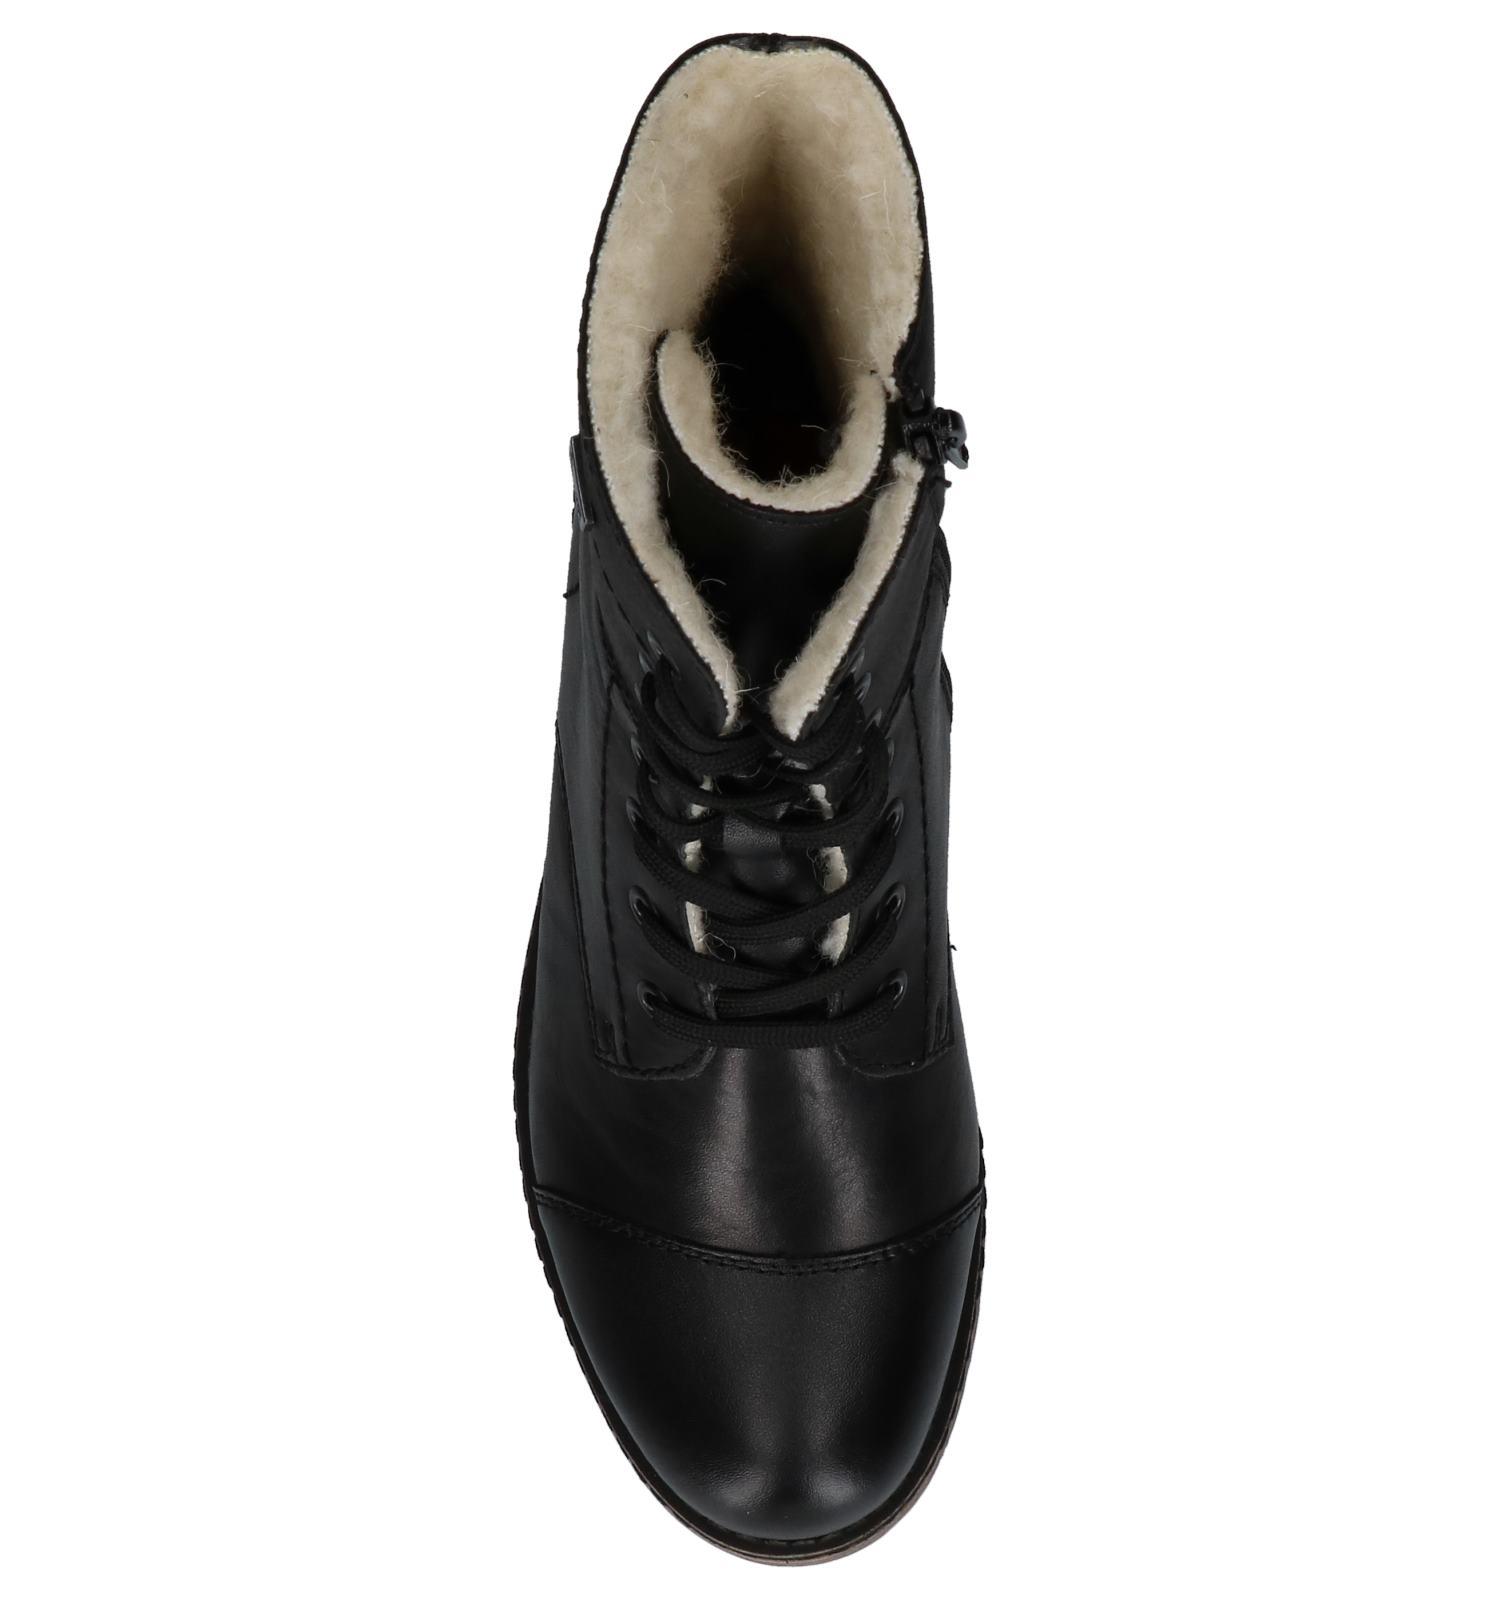 Rieker Zwarte veter Boots Rits Boots Rits Rieker Zwarte Boots veter Zwarte veter Rits gyvYb76Ifm